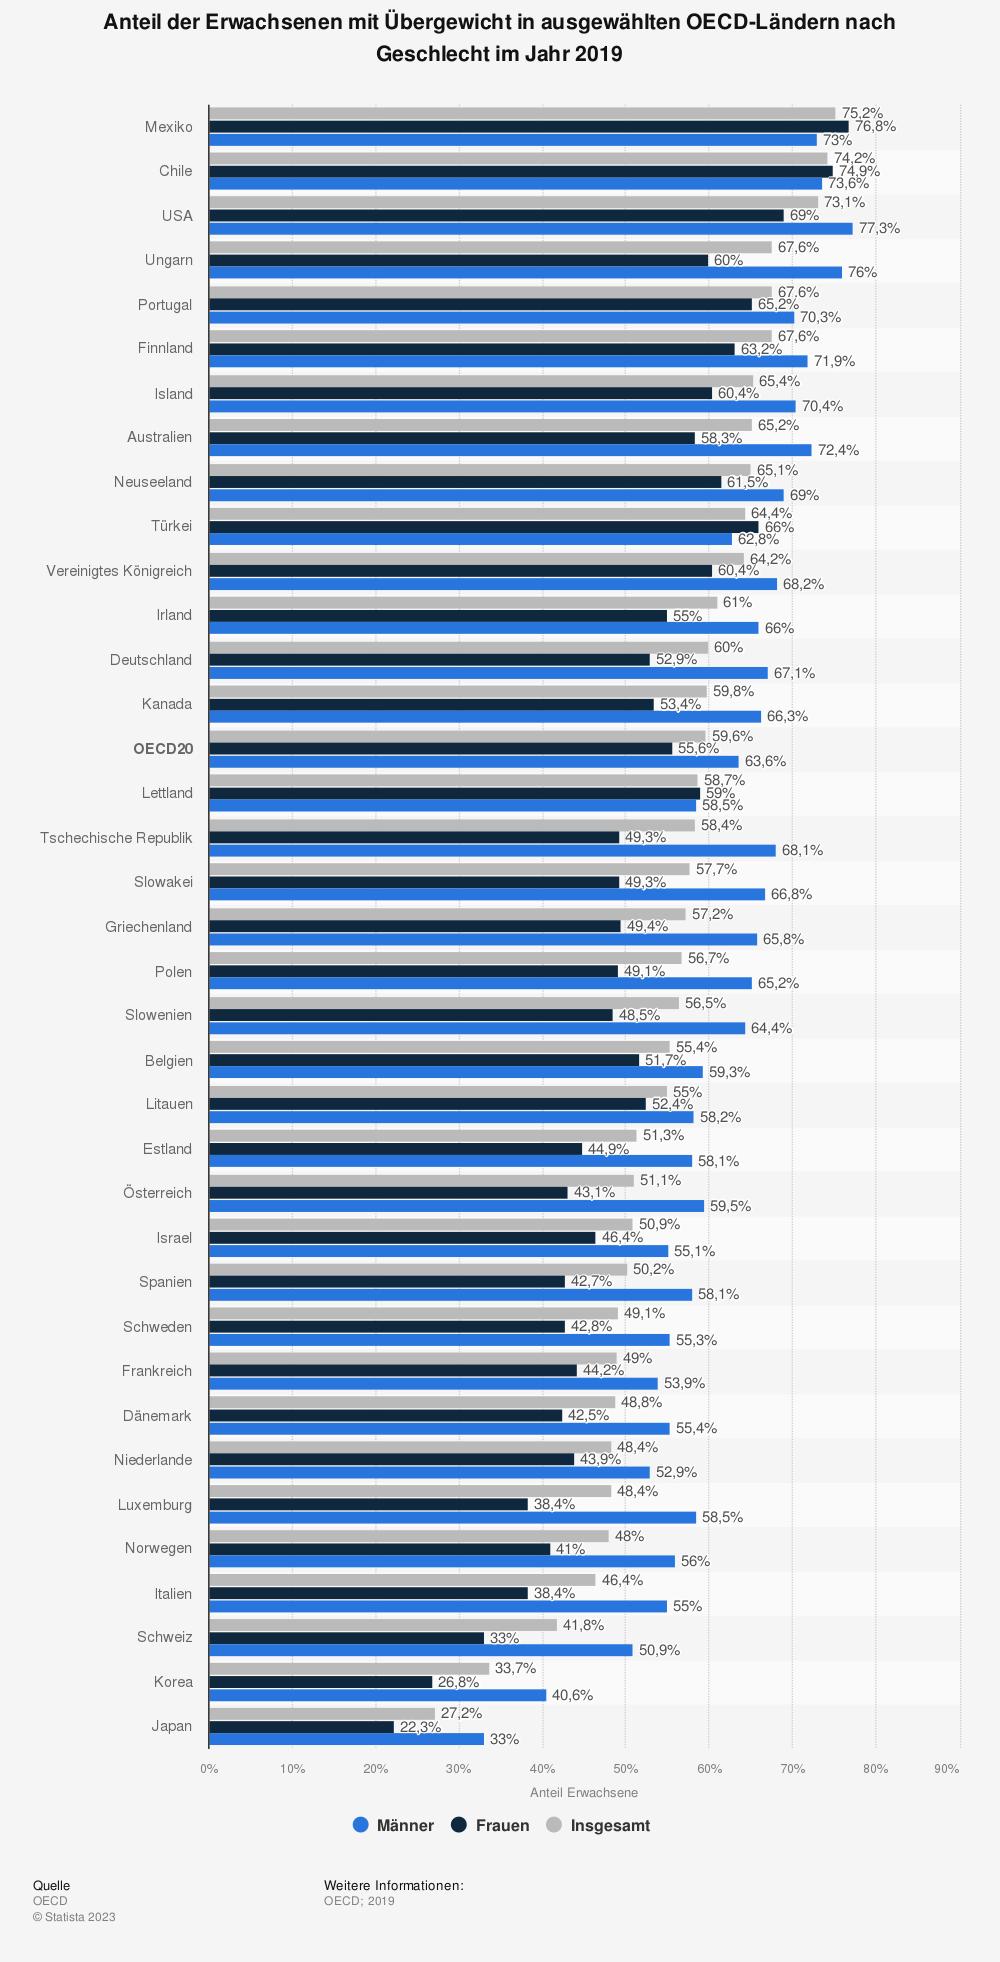 Statistik: Anteil der Erwachsenen mit Übergewicht in ausgewählten OECD-Ländern nach Geschlecht im Jahr 2017 | Statista